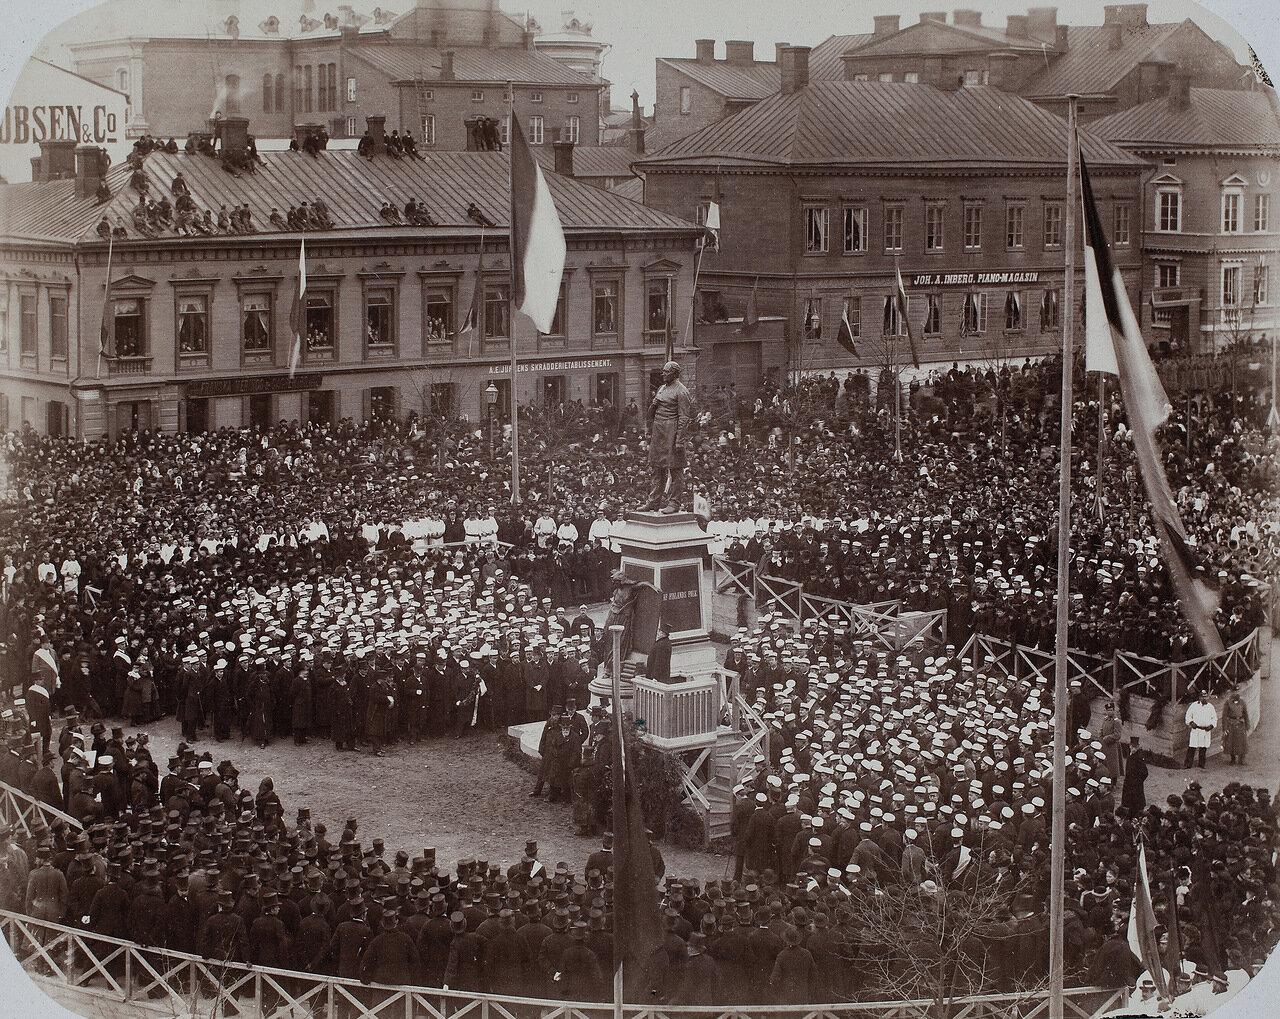 Гельсинфорс, около 1900